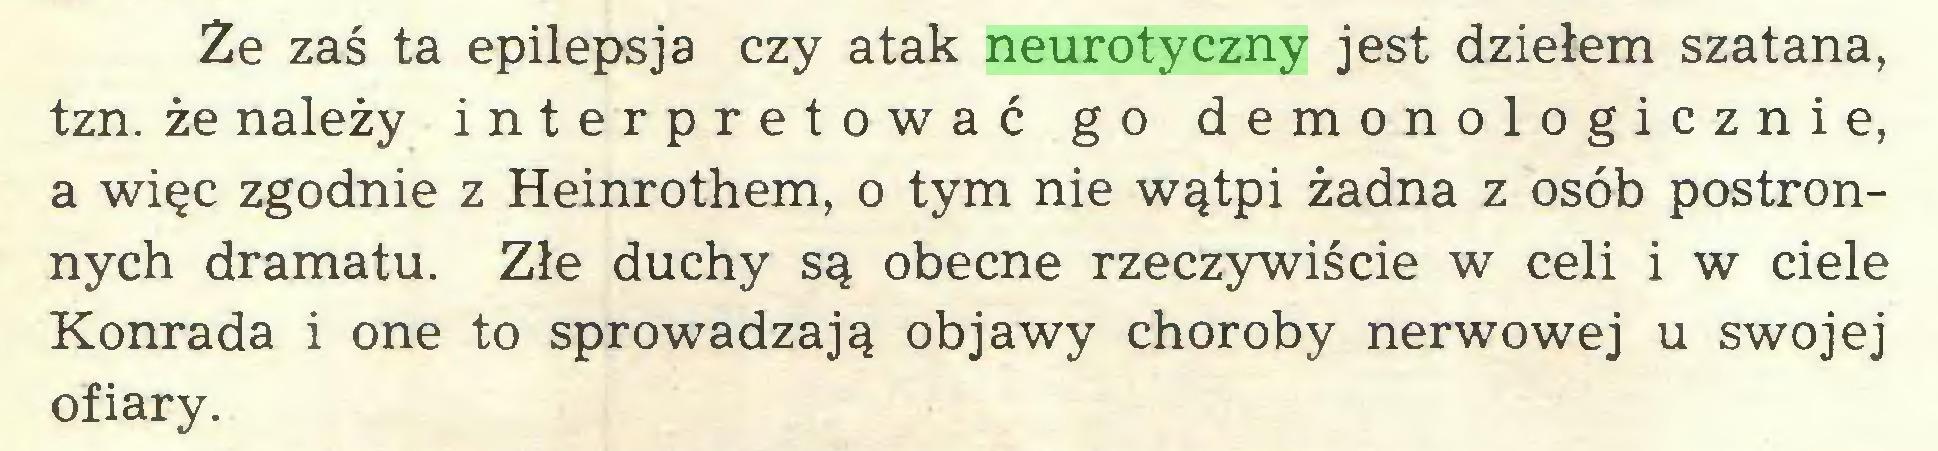 (...) Ze zaś ta epilepsja czy atak neurotyczny jest dziełem szatana, tzn. że należy interpretować go demonologicznie, a więc zgodnie z Heinrothem, o tym nie wątpi żadna z osób postronnych dramatu. Złe duchy są obecne rzeczywiście w celi i w ciele Konrada i one to sprowadzają objawy choroby nerwowej u swojej ofiary...